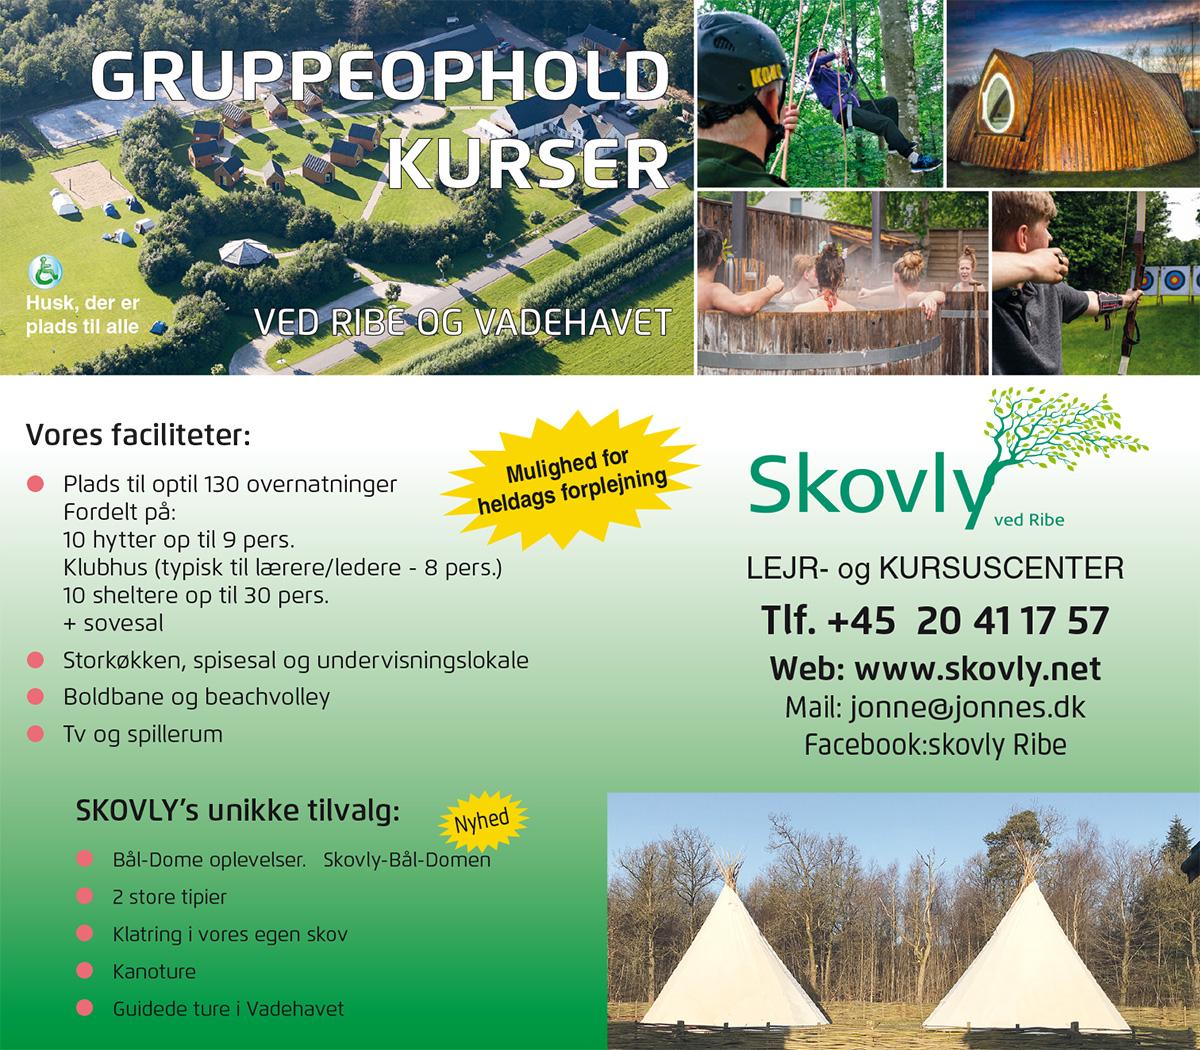 G-Skovly-GRUPPE-2021